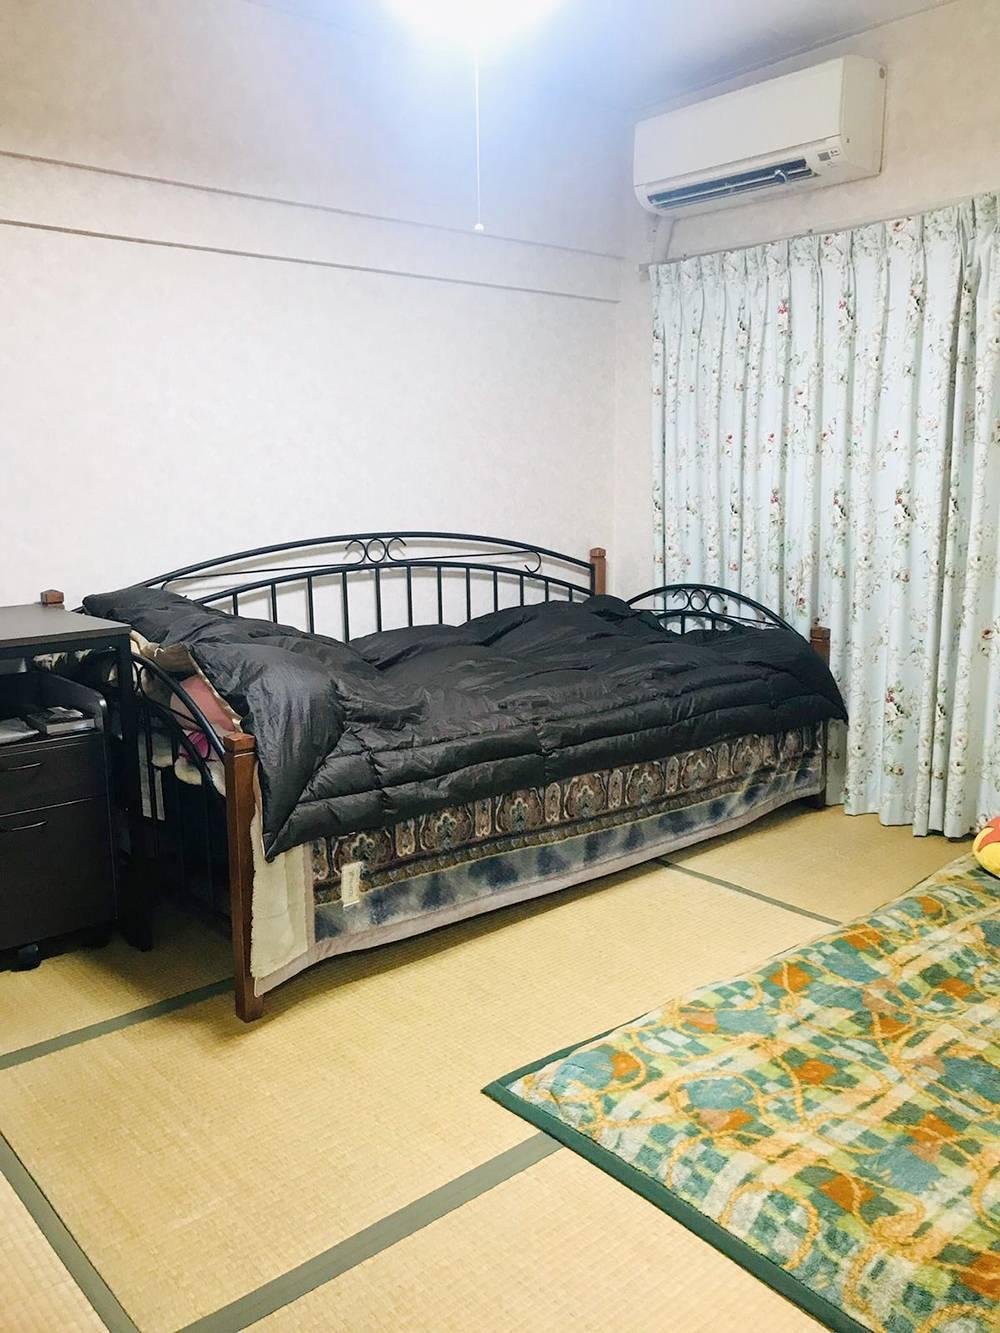 В каждом японском доме хотя бы одна комната устлана плетенными из тростника ковриками — татами. В ней не должно быть мебели, а спать нужно на футоне, который днем убирается в шкаф. Но я так и не отучилась от нормальной кровати